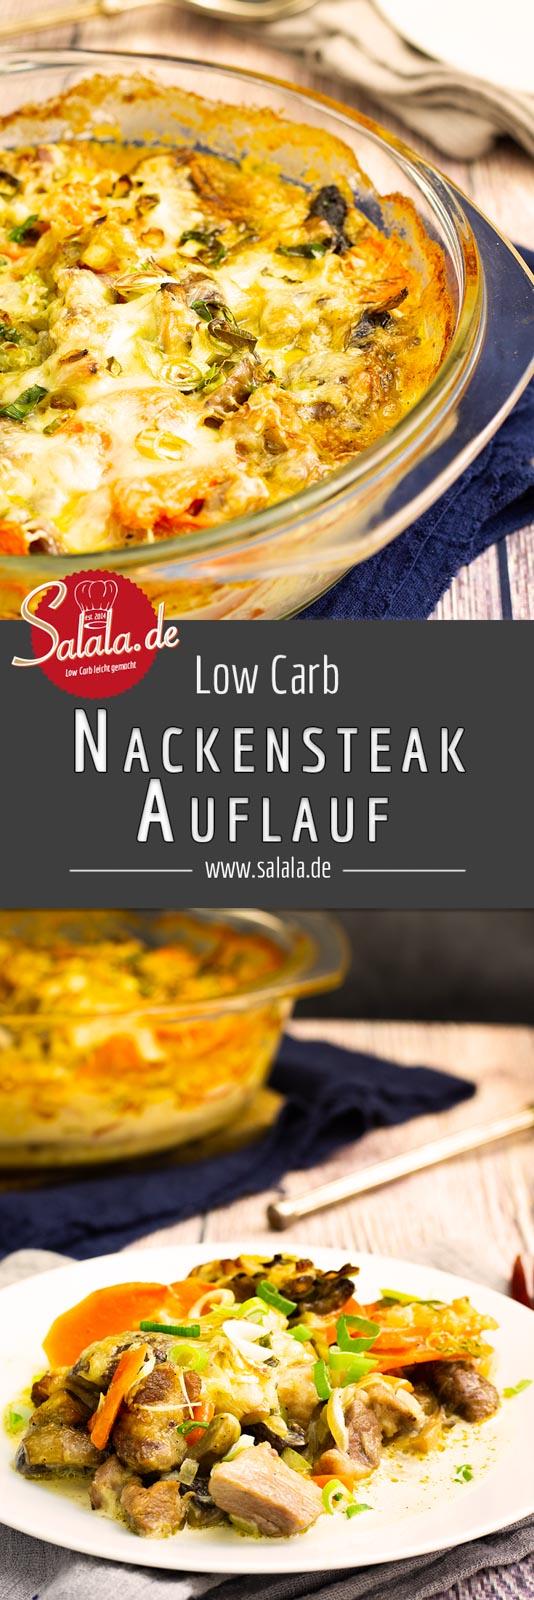 Nackensteakauflauf - by salala.de - Low Carb Auflauf Rezept mit Champignons